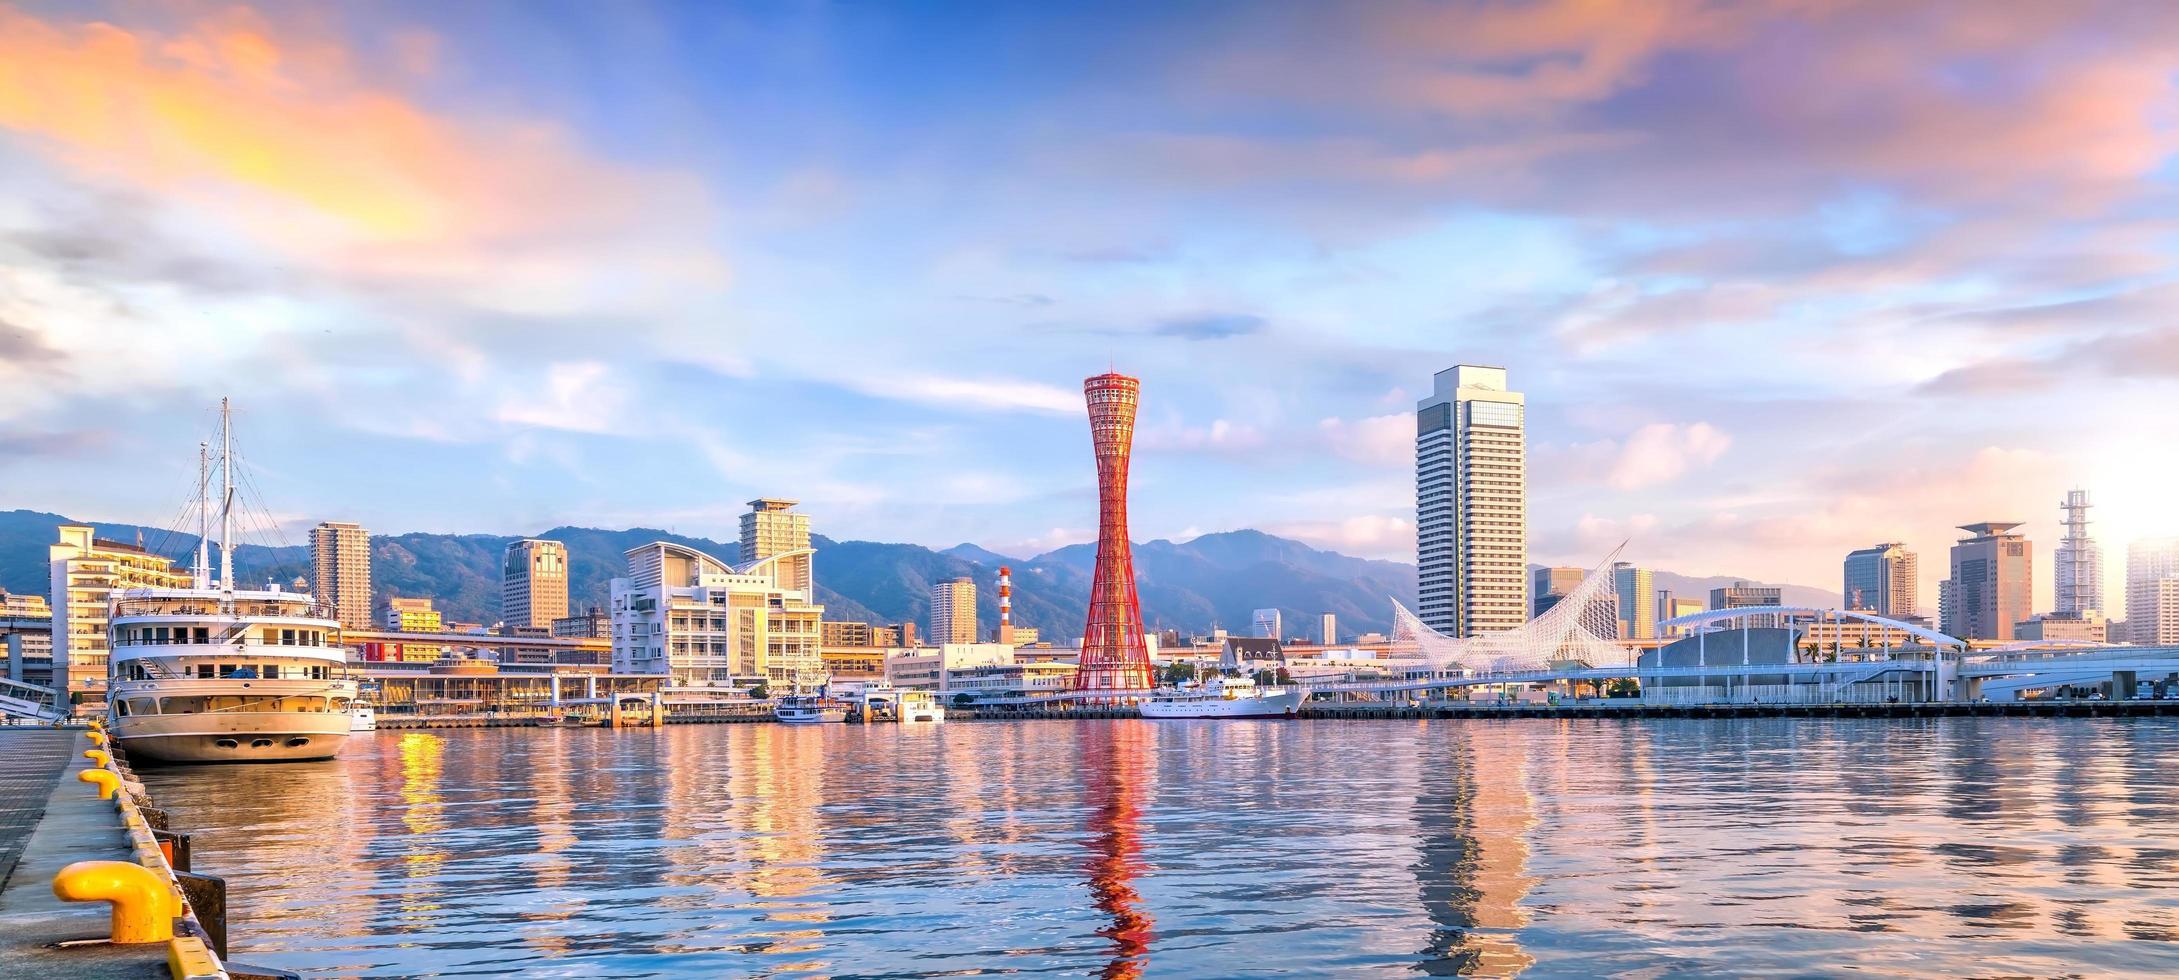 Port of Kobe in Japan photo